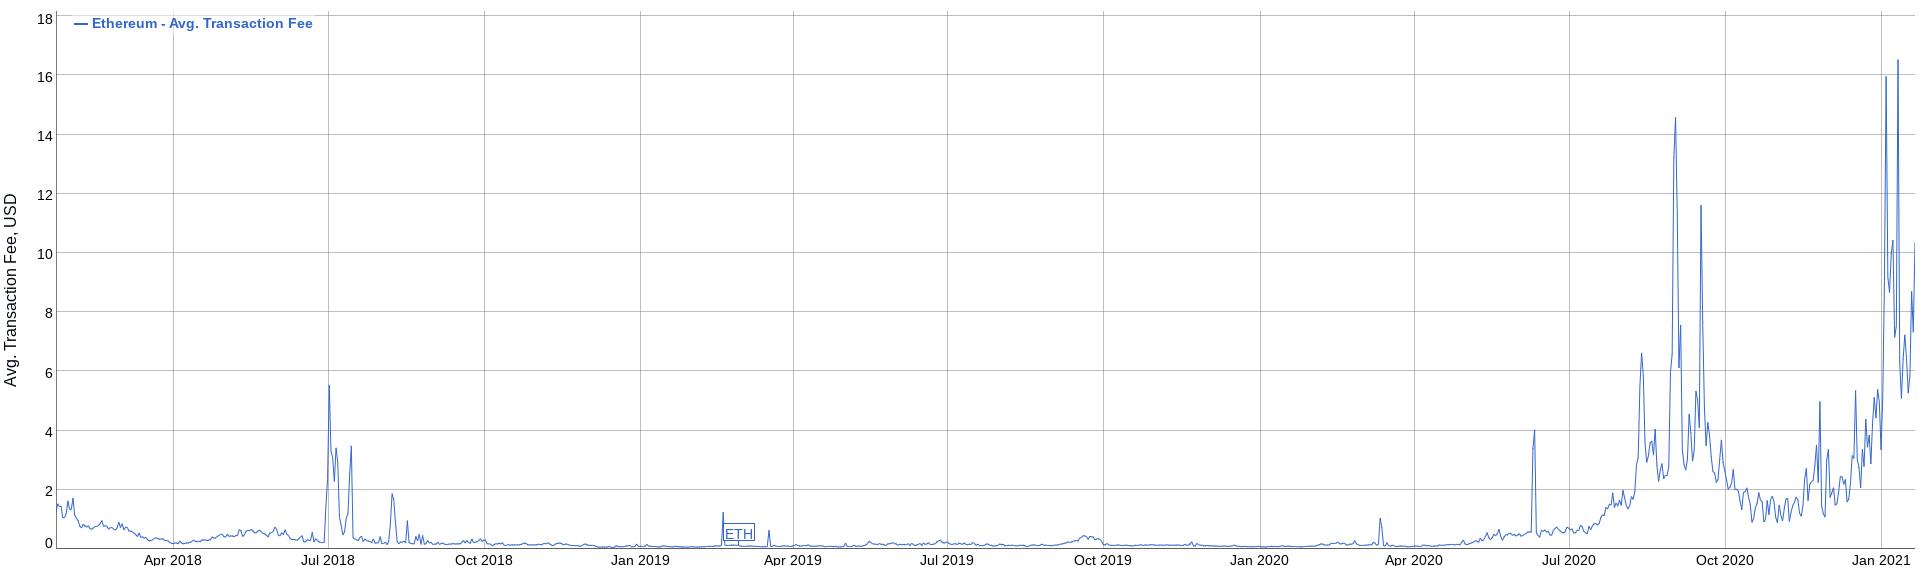 Ethereum transaction fees. Image: BitInfoCharts